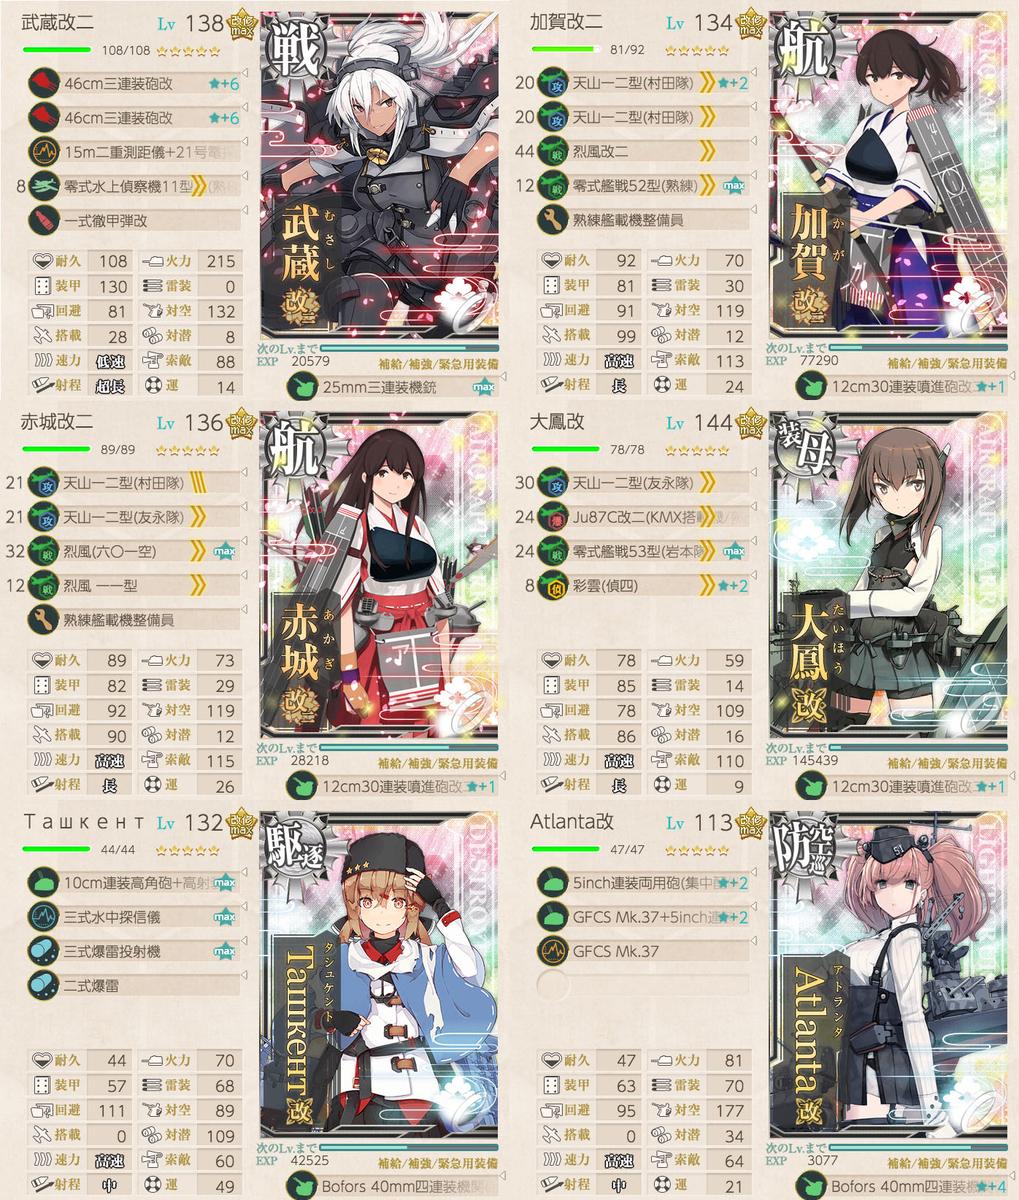 f:id:nameless_admiral:20200830052435j:plain